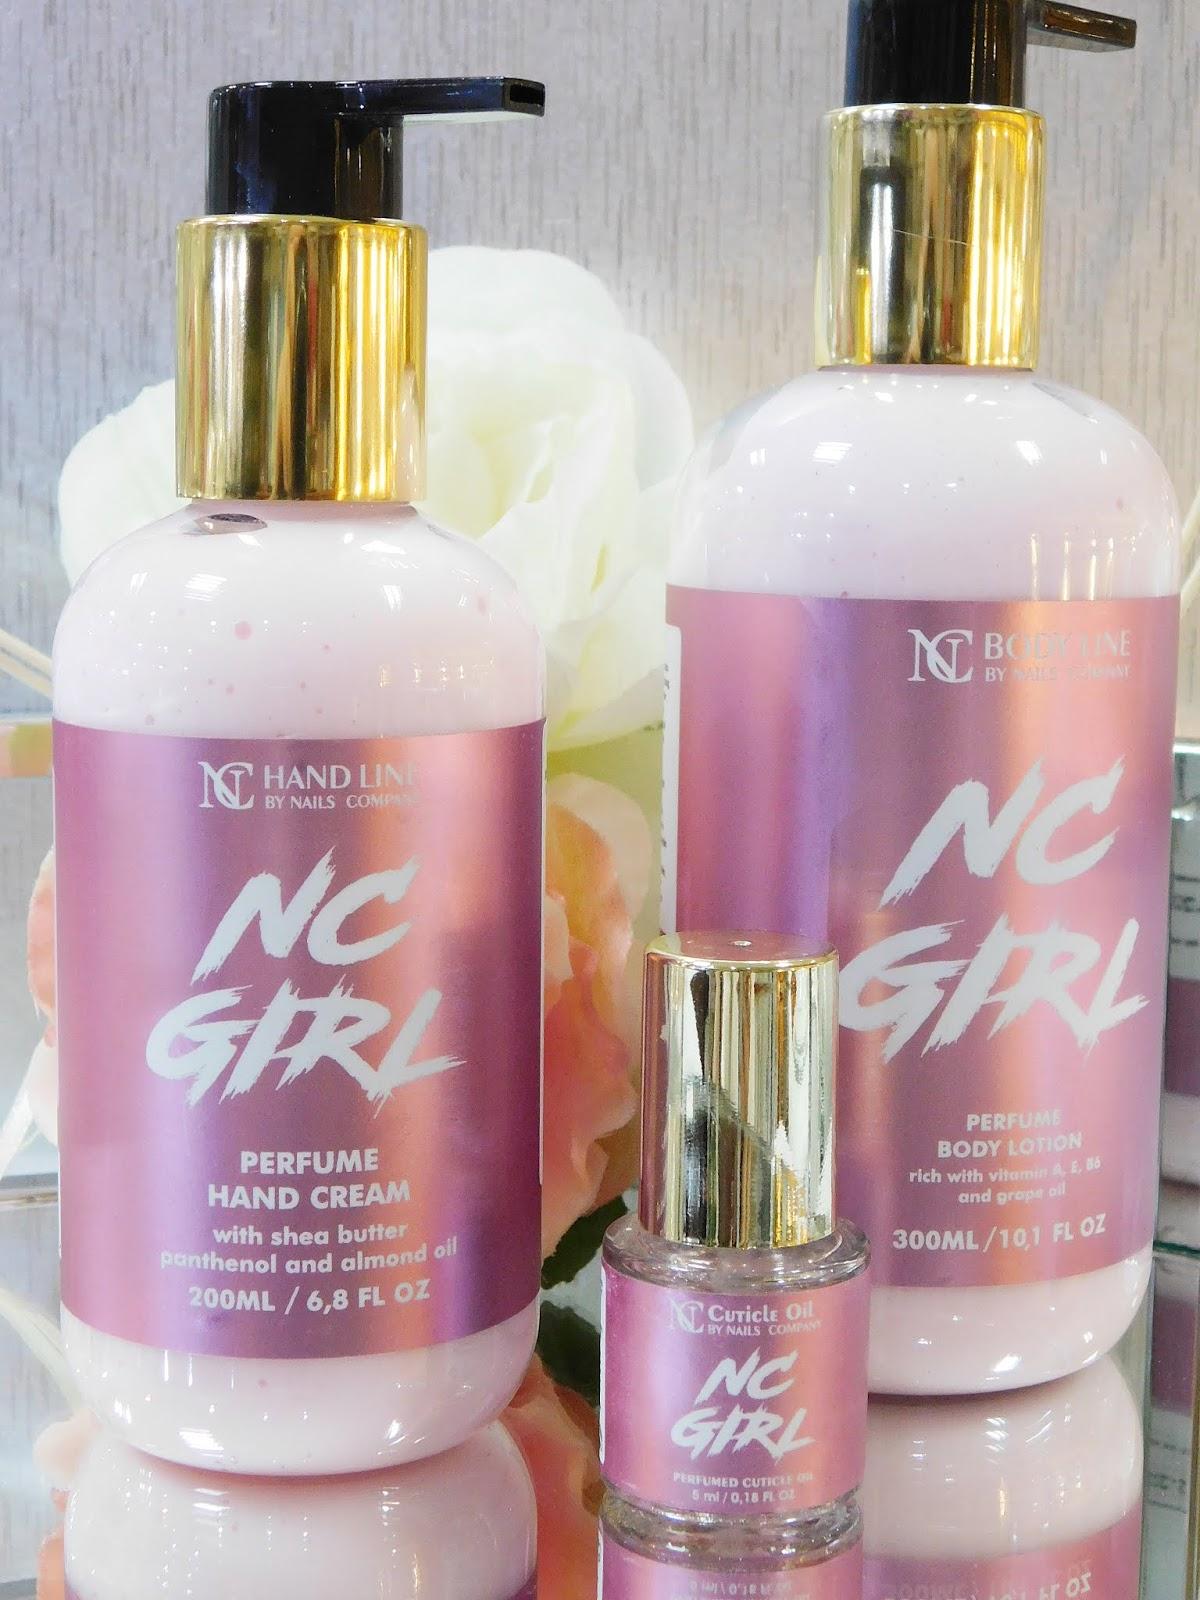 Rozpieść swoje ciało i zmysły z serią perfumową od  NC Nails Company. Balsam do ciała, krem do rąk i oliwka z serii NC Girl.